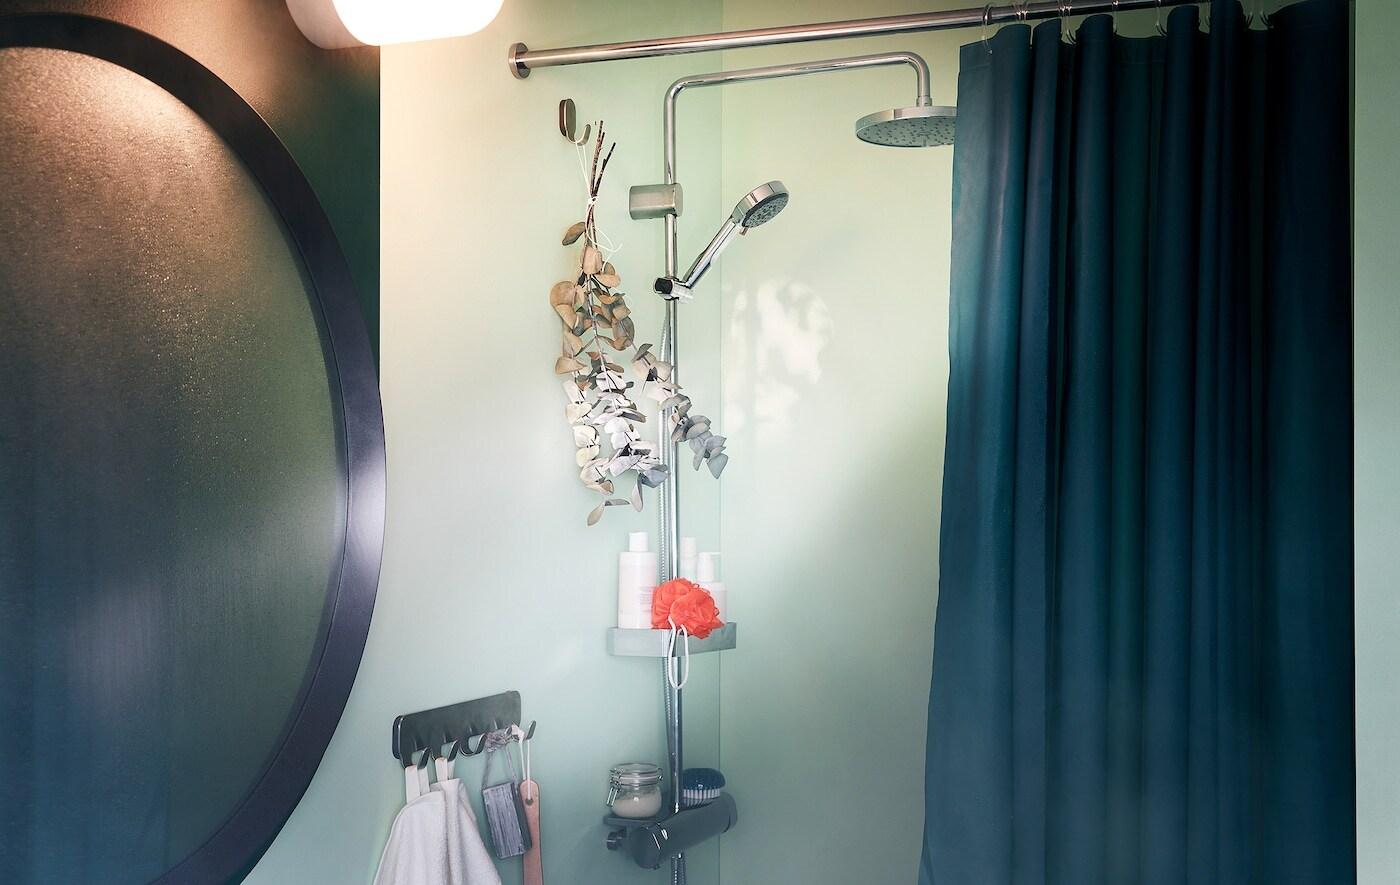 Dans une salle de bains, un miroir embué à côté d'une douche avec des accessoires; un bouquet de branches d'eucalyptus est suspendu sur un crochet.